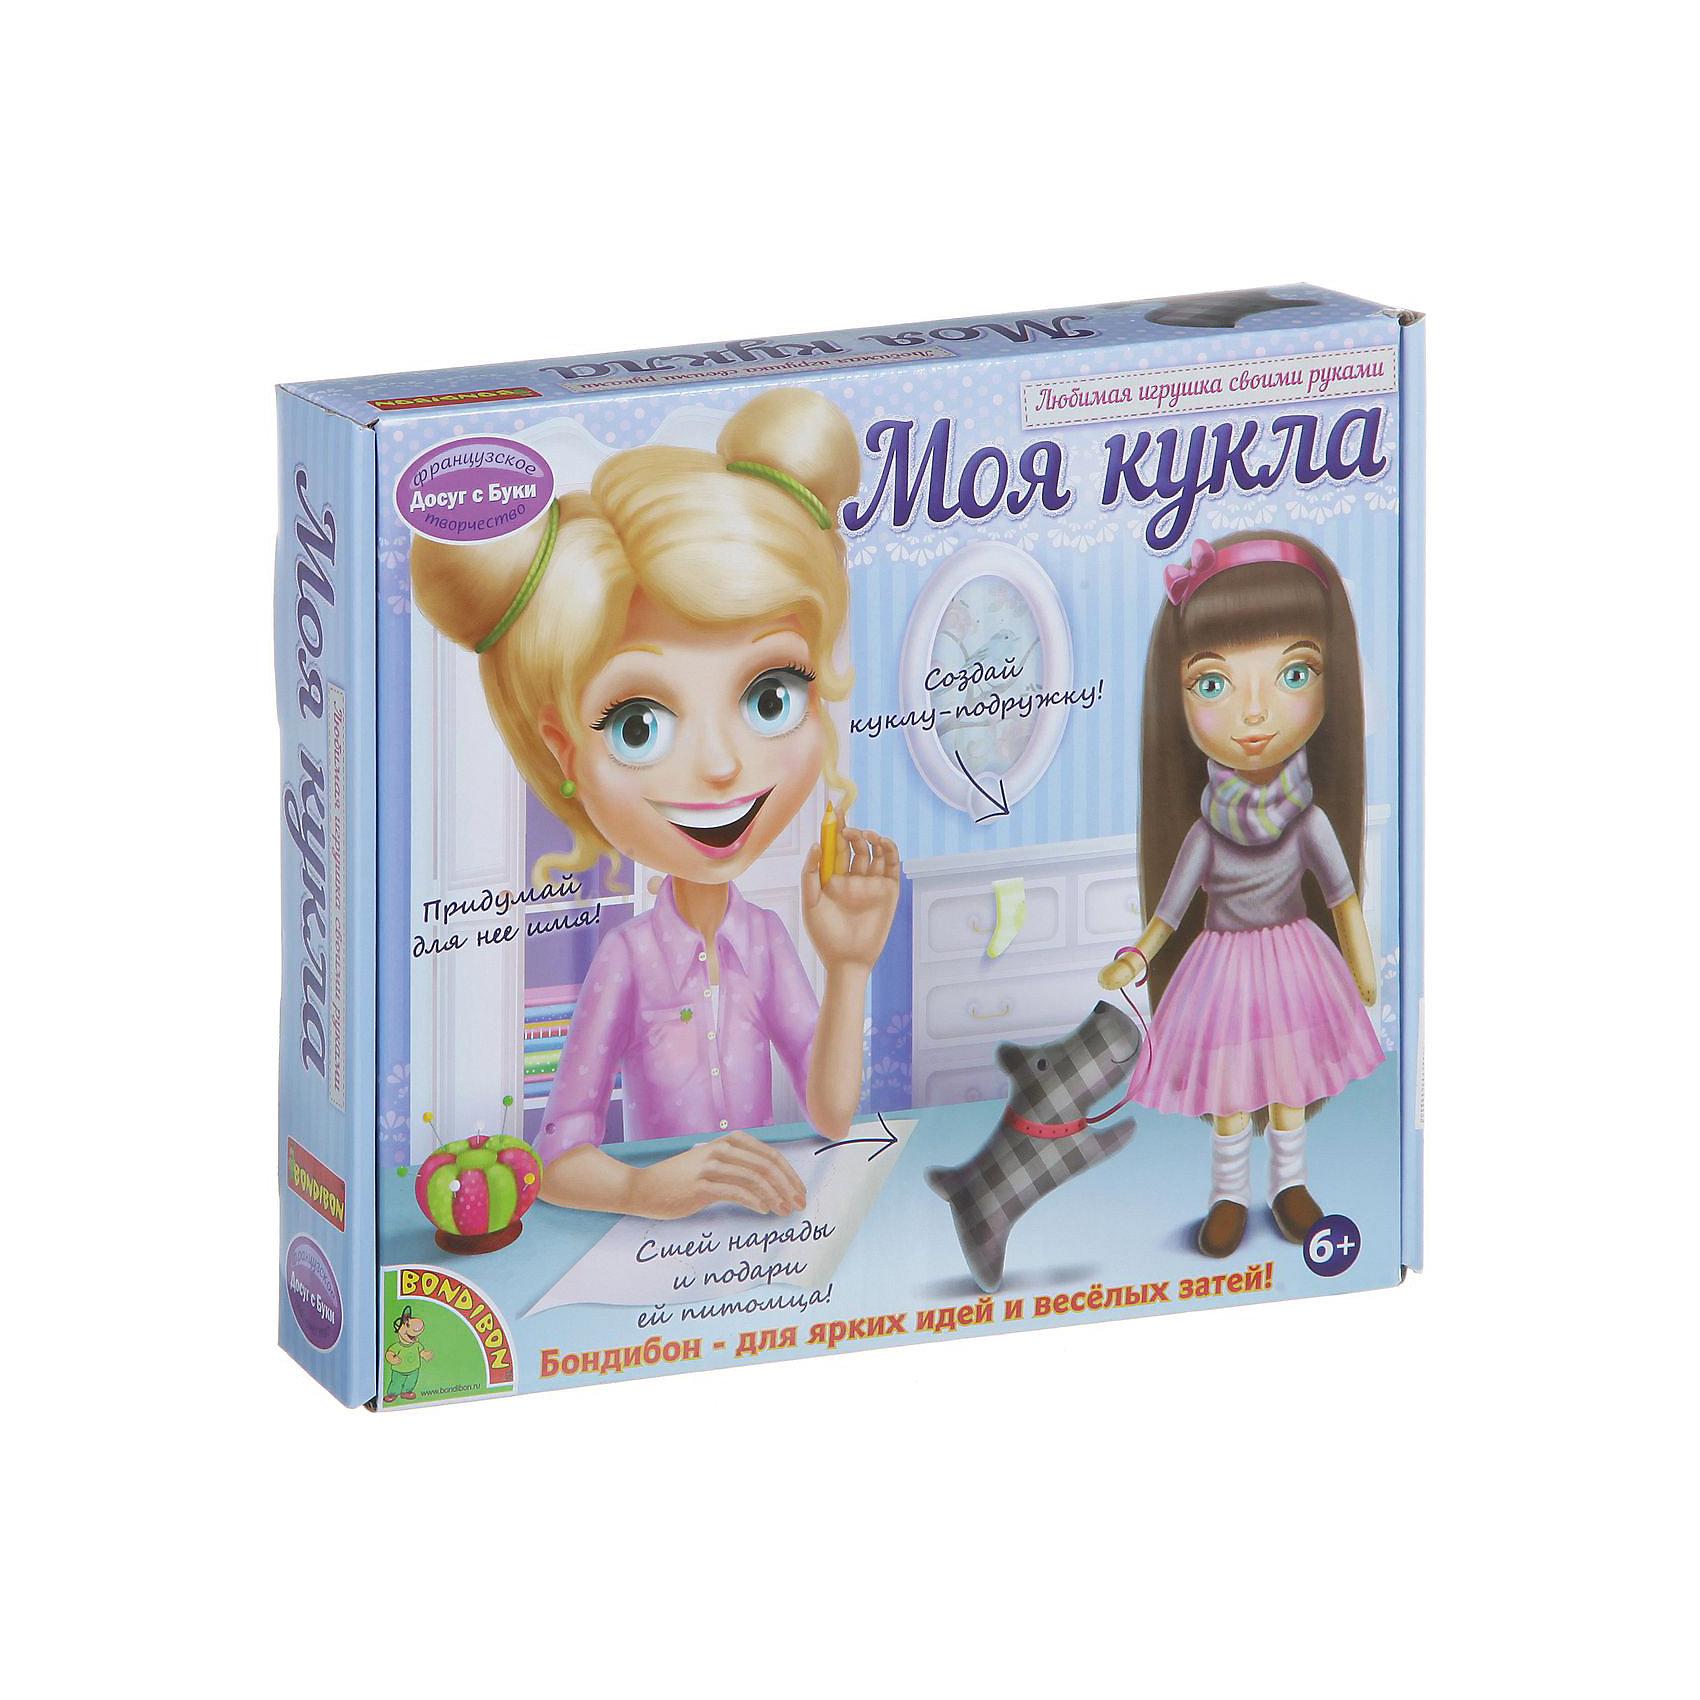 Любимая игрушка своими руками Кукла с темными волосамиРукоделие<br>С помощью этого замечательного набора ребенок сможет сделать очаровательную куколку и сшить наряды к ней. Куколка с пышными темными волосами и множеством нарядов не оставит равнодушной ни одну девочку!  Шитьё - увлекательно и полезное занятие, которое поможет развить моторику рук, мышление, внимание, усидчивость, умение работать по инструкции, и, конечно, подарит множество положительных эмоций! Игрушки, сделанные своими руками, самые любимые и желанные, а навыки шитья, полученные в процессе изготовления куколки, пригодятся в будущем любой хорошей хозяйке.  <br><br>Дополнительная информация:<br><br>- Материал: текстиль. <br>- Размер: 27х6х27 см.<br>- Комплектация: выкройки куклы, одежды и аксессуаров, инструкция.<br><br>Набор Любимая игрушка своими руками. Кукла с темными волосами можно купить в нашем магазине.<br><br>Ширина мм: 26<br>Глубина мм: 5<br>Высота мм: 22<br>Вес г: 321<br>Возраст от месяцев: 72<br>Возраст до месяцев: 144<br>Пол: Женский<br>Возраст: Детский<br>SKU: 4993194